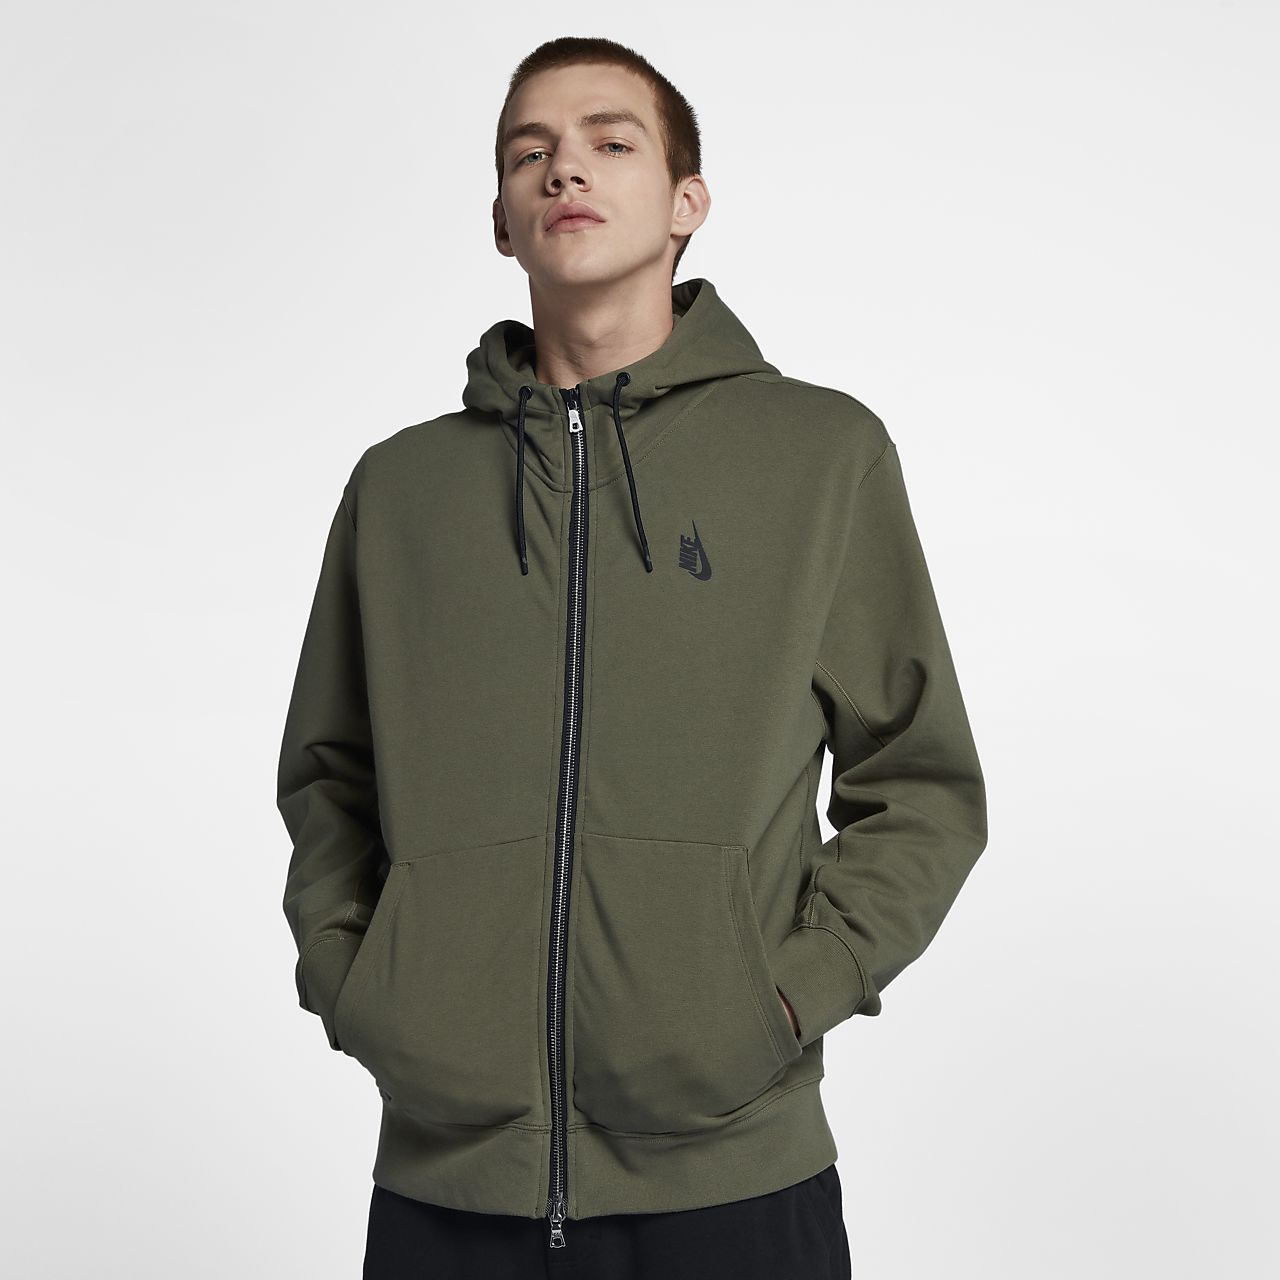 ... NikeLab Collection Men's Full-Zip Hoodie